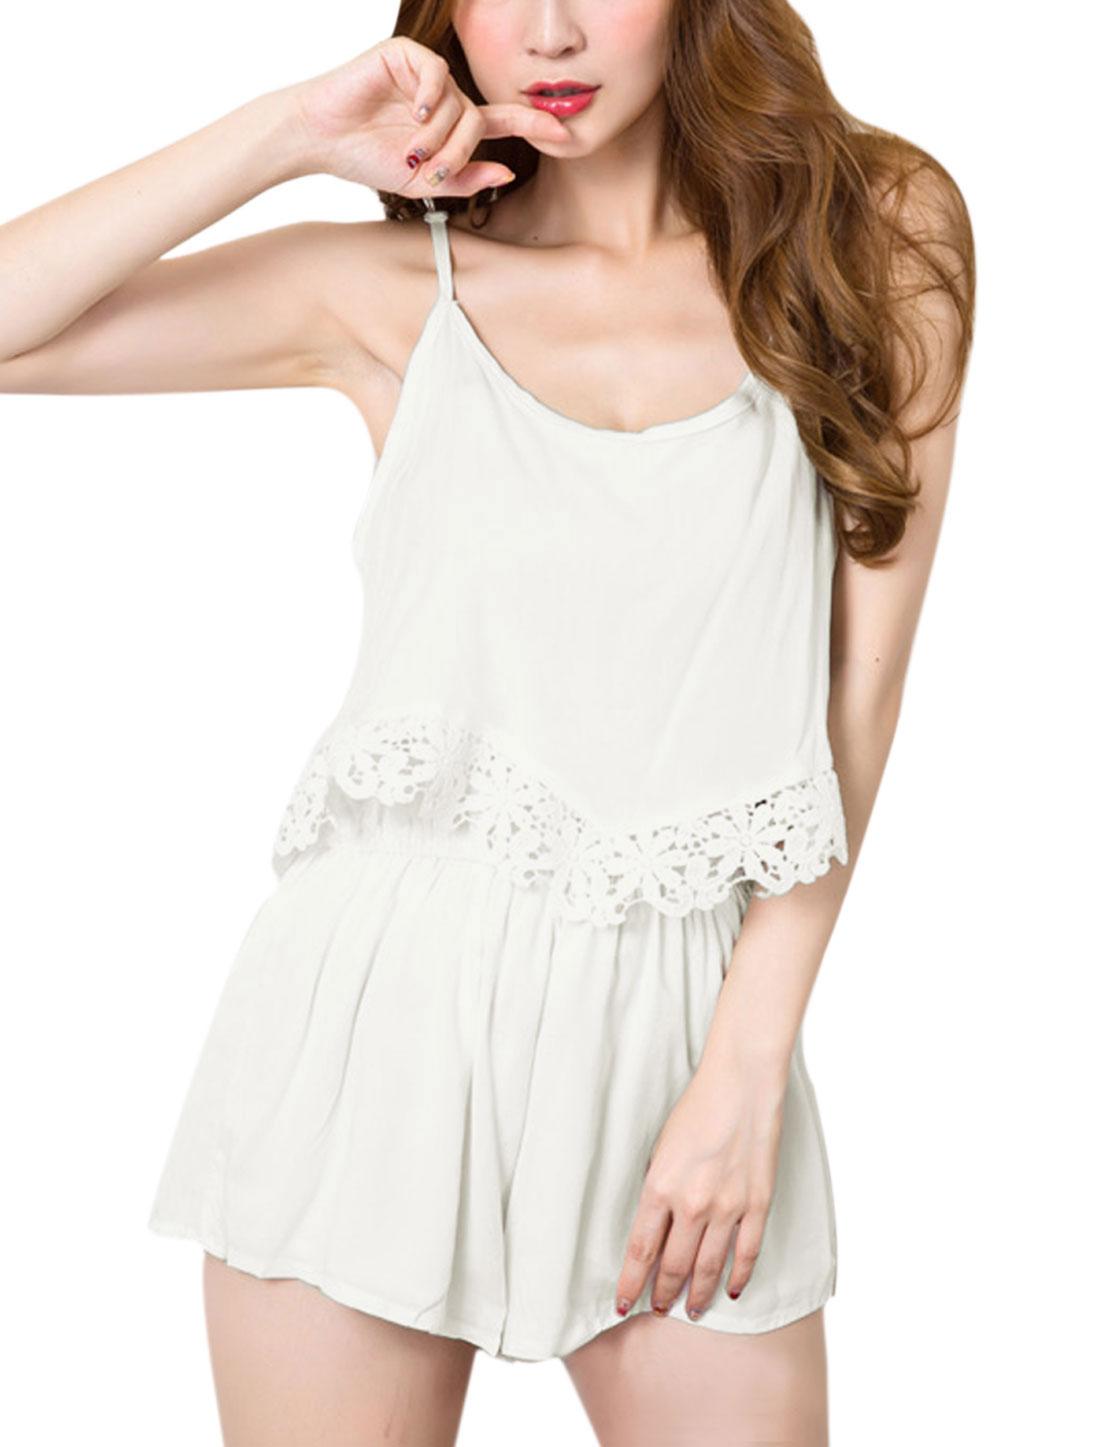 Women Scoop Neck Sleeveless Crochet Trim Casual Romper White S